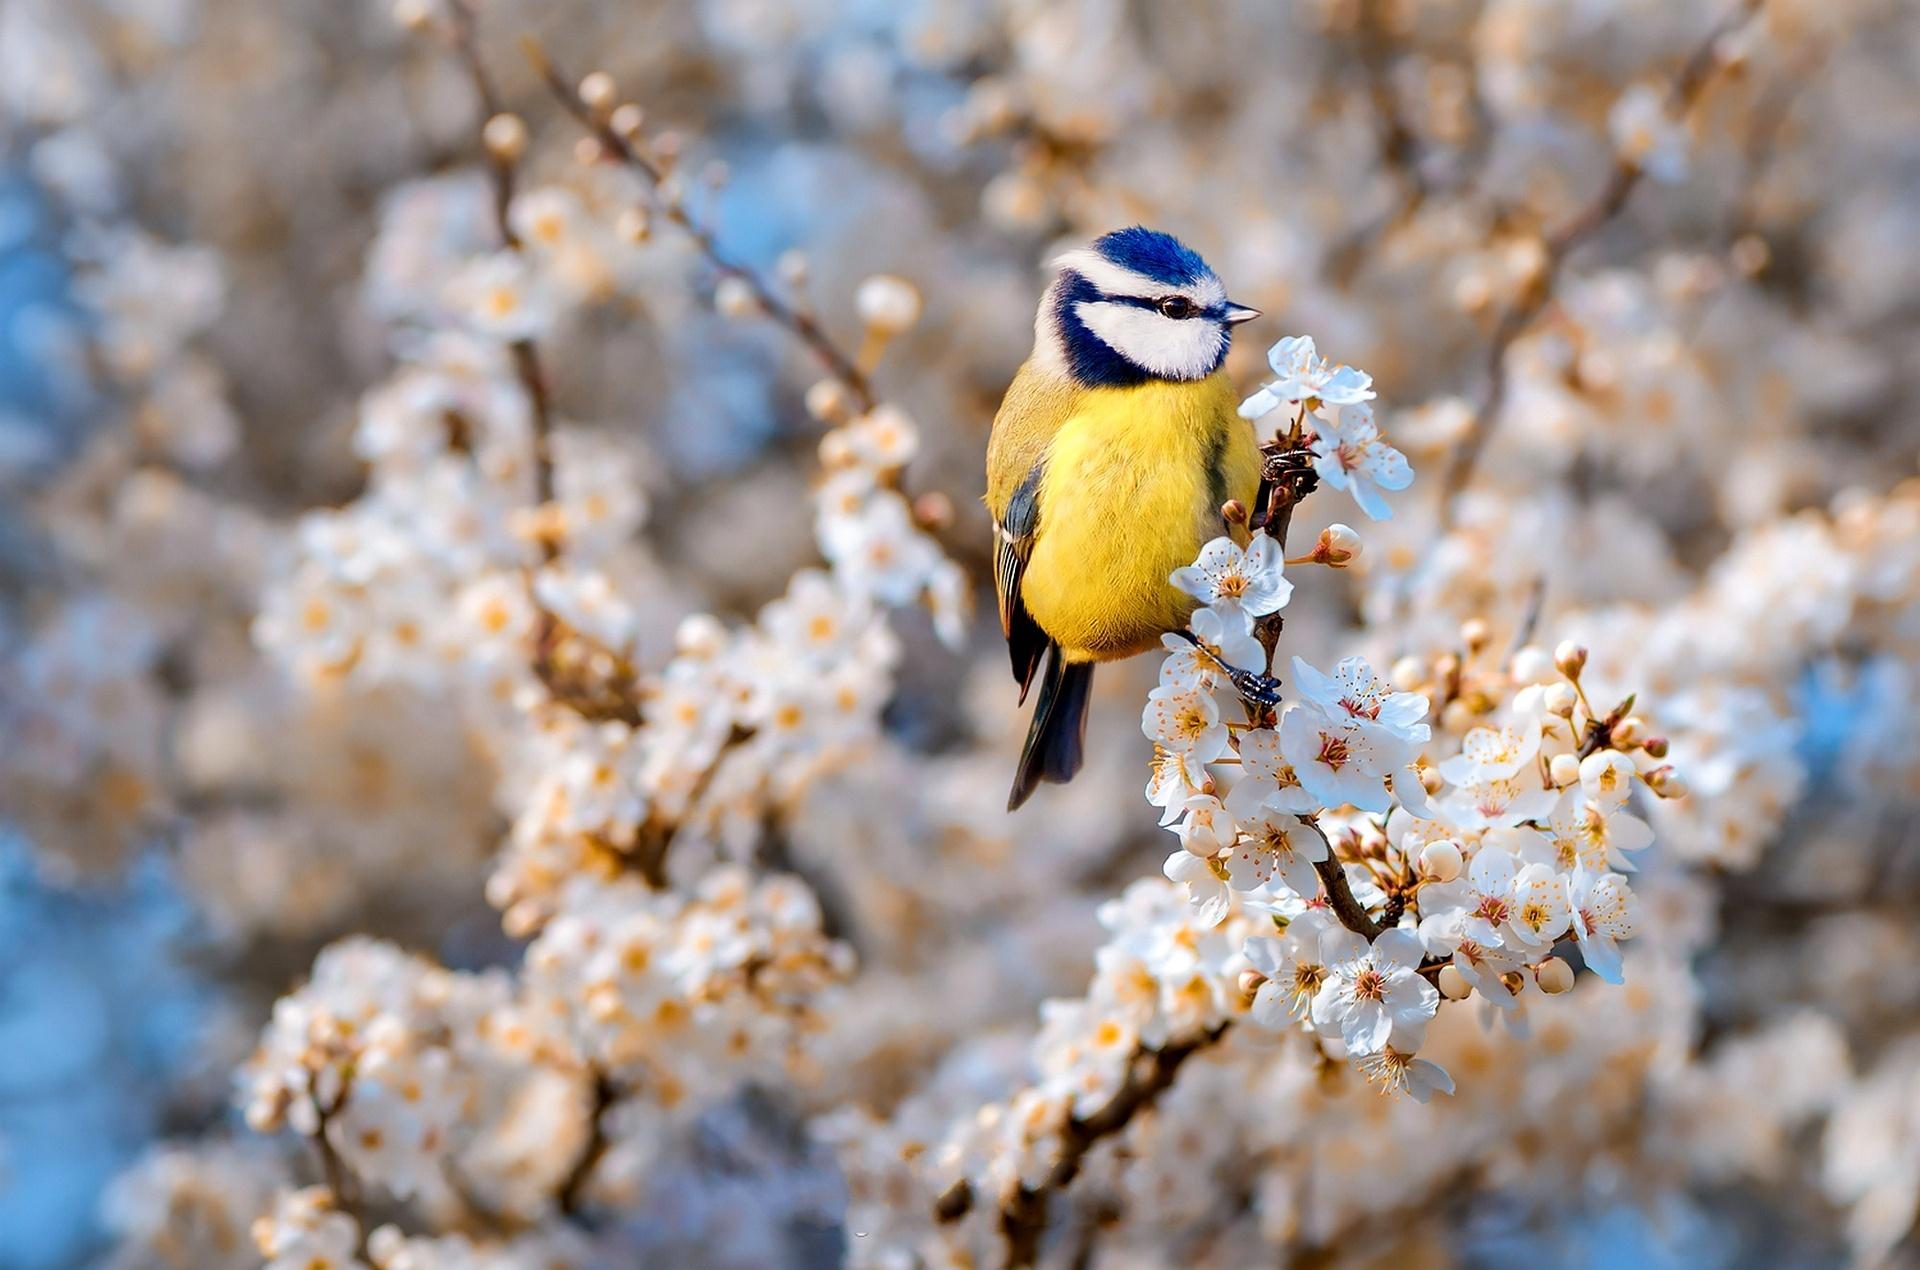 Картинка с птицами весной